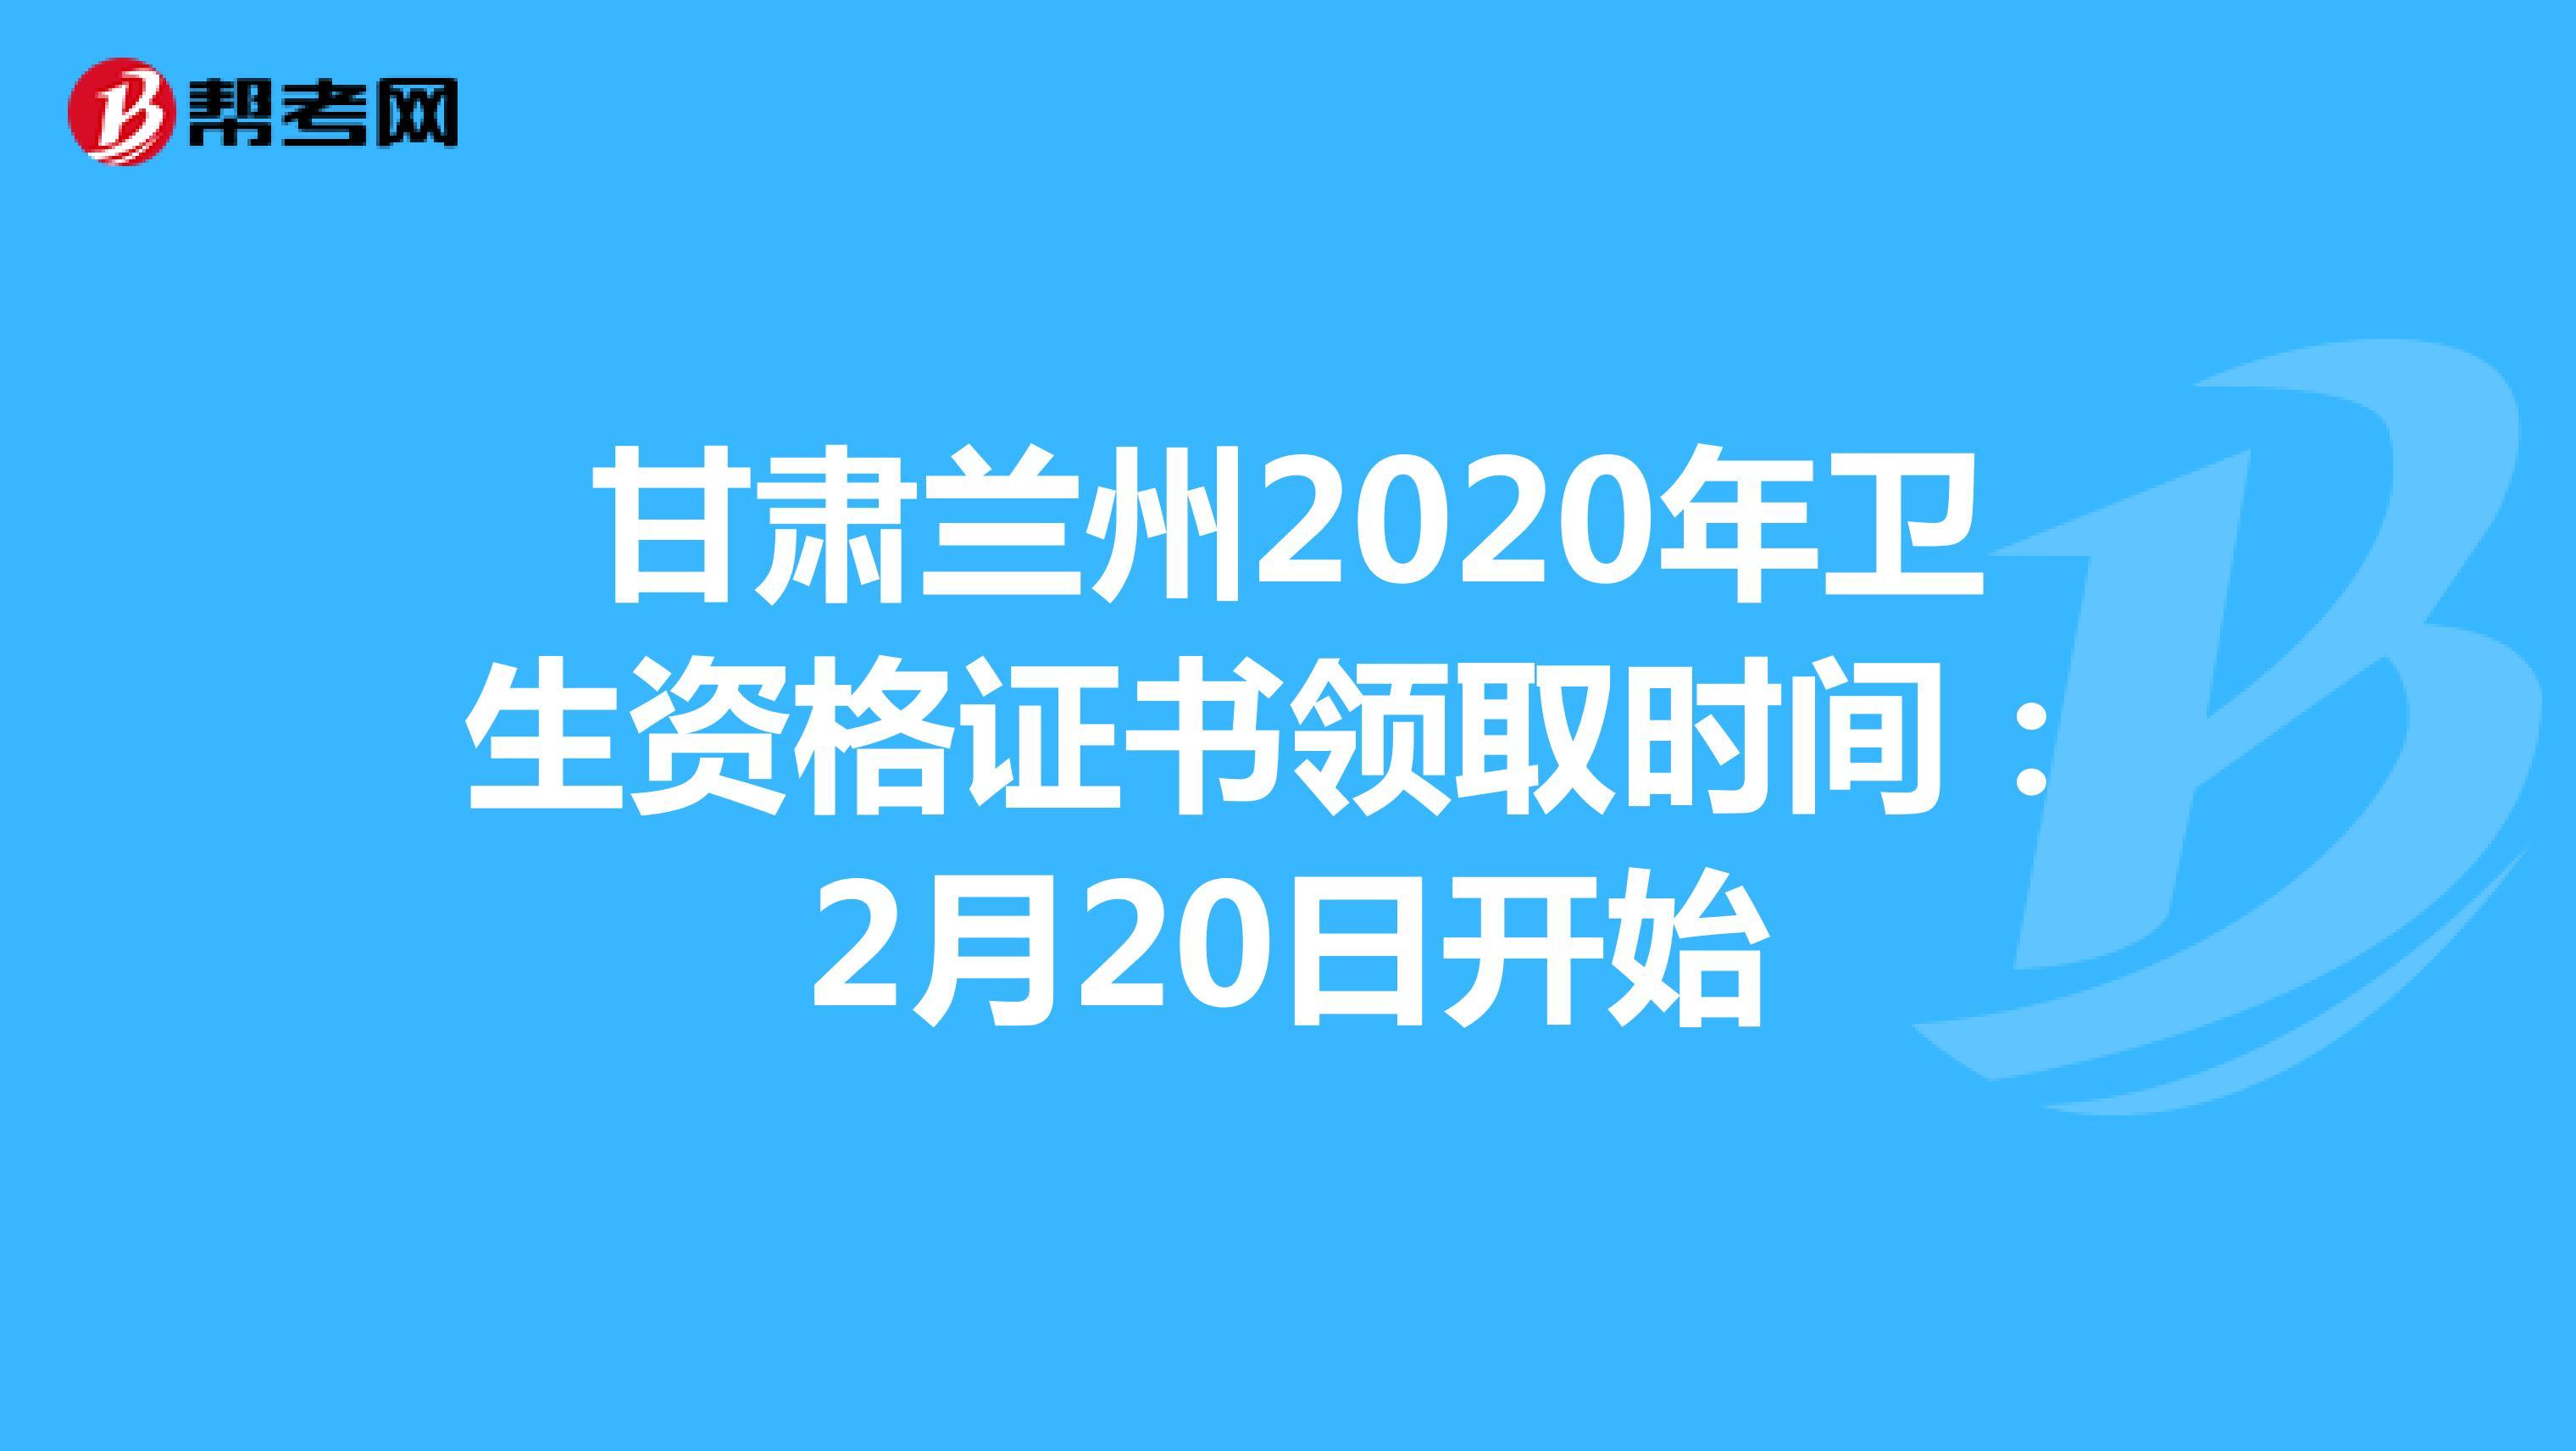 甘肃兰州2020年卫生资格证书领取时间:2月20日开始